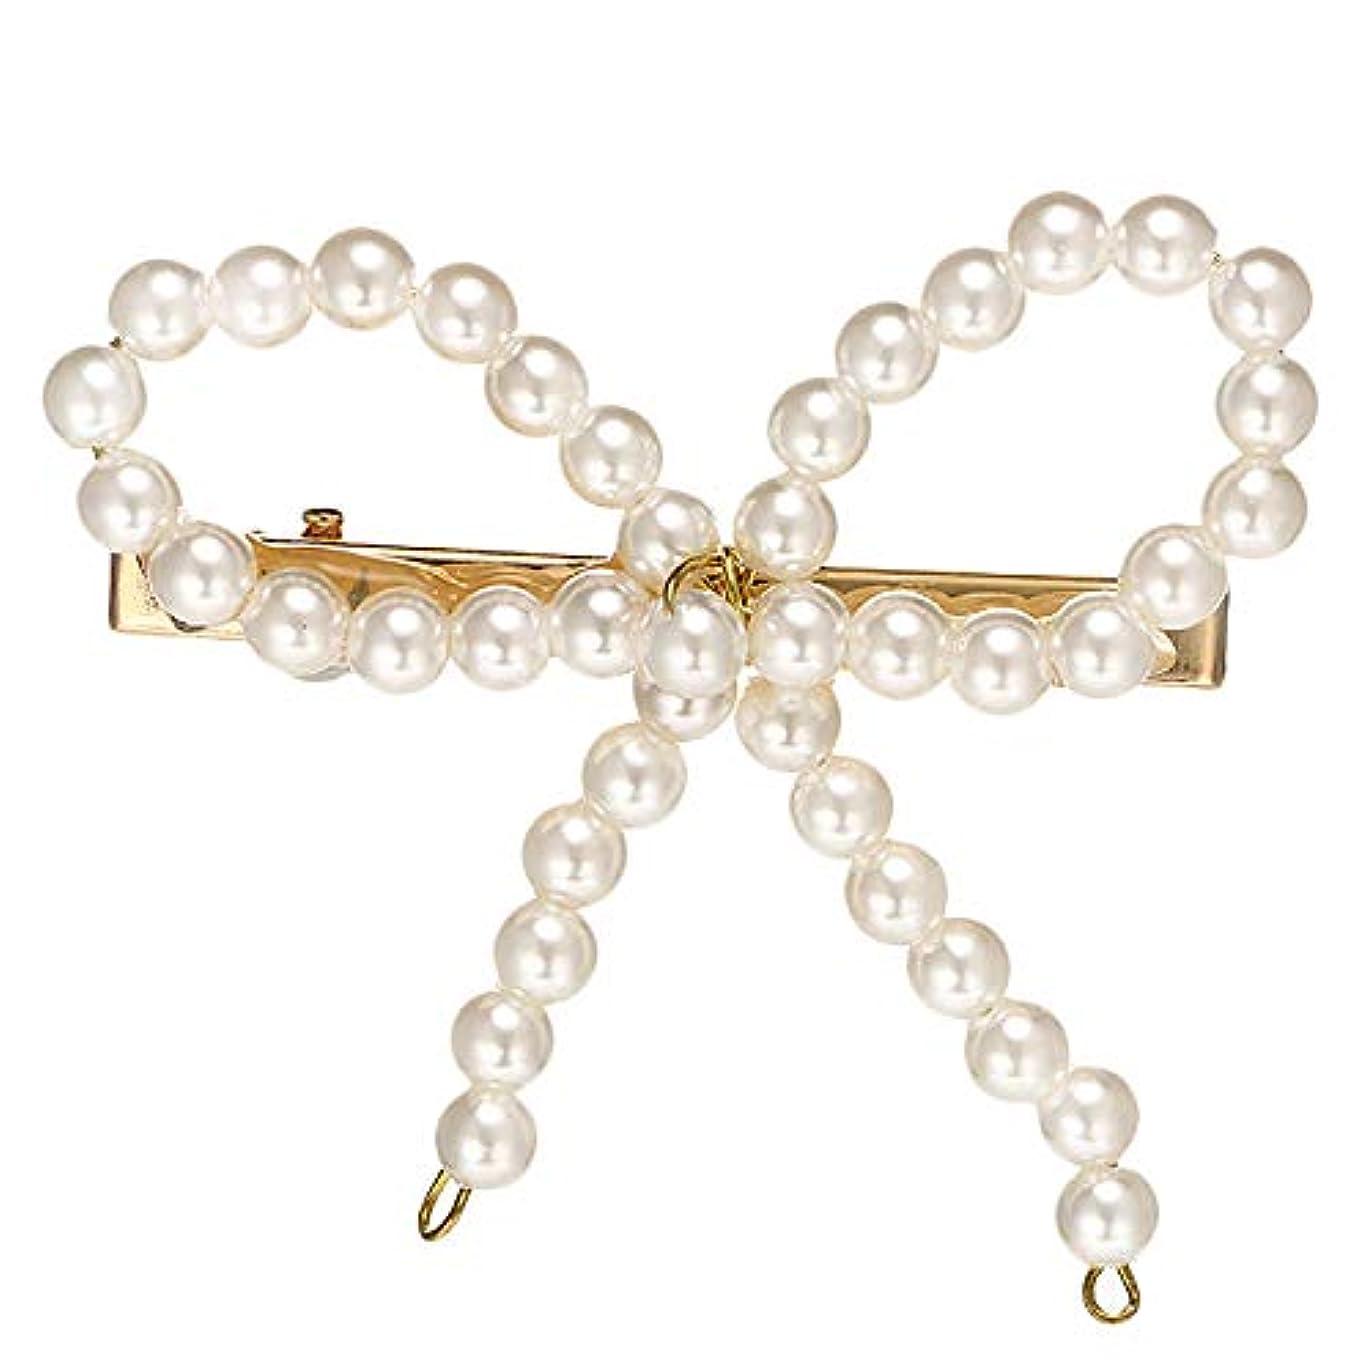 命題発行コテージTOOGOO 韓国バージョンのファッション甘い模造真珠のボーダッククリップガール気質ヘアピン